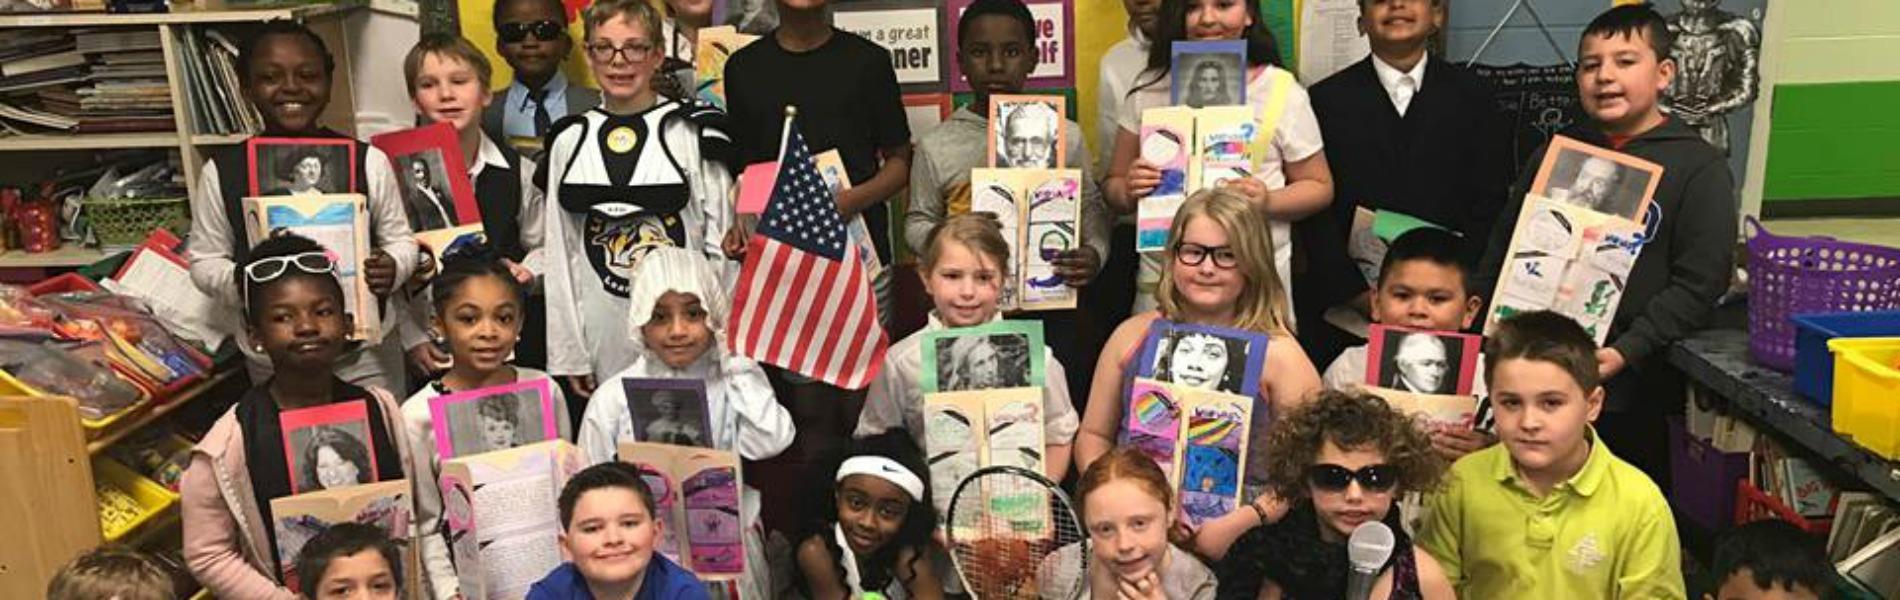 Students Pics